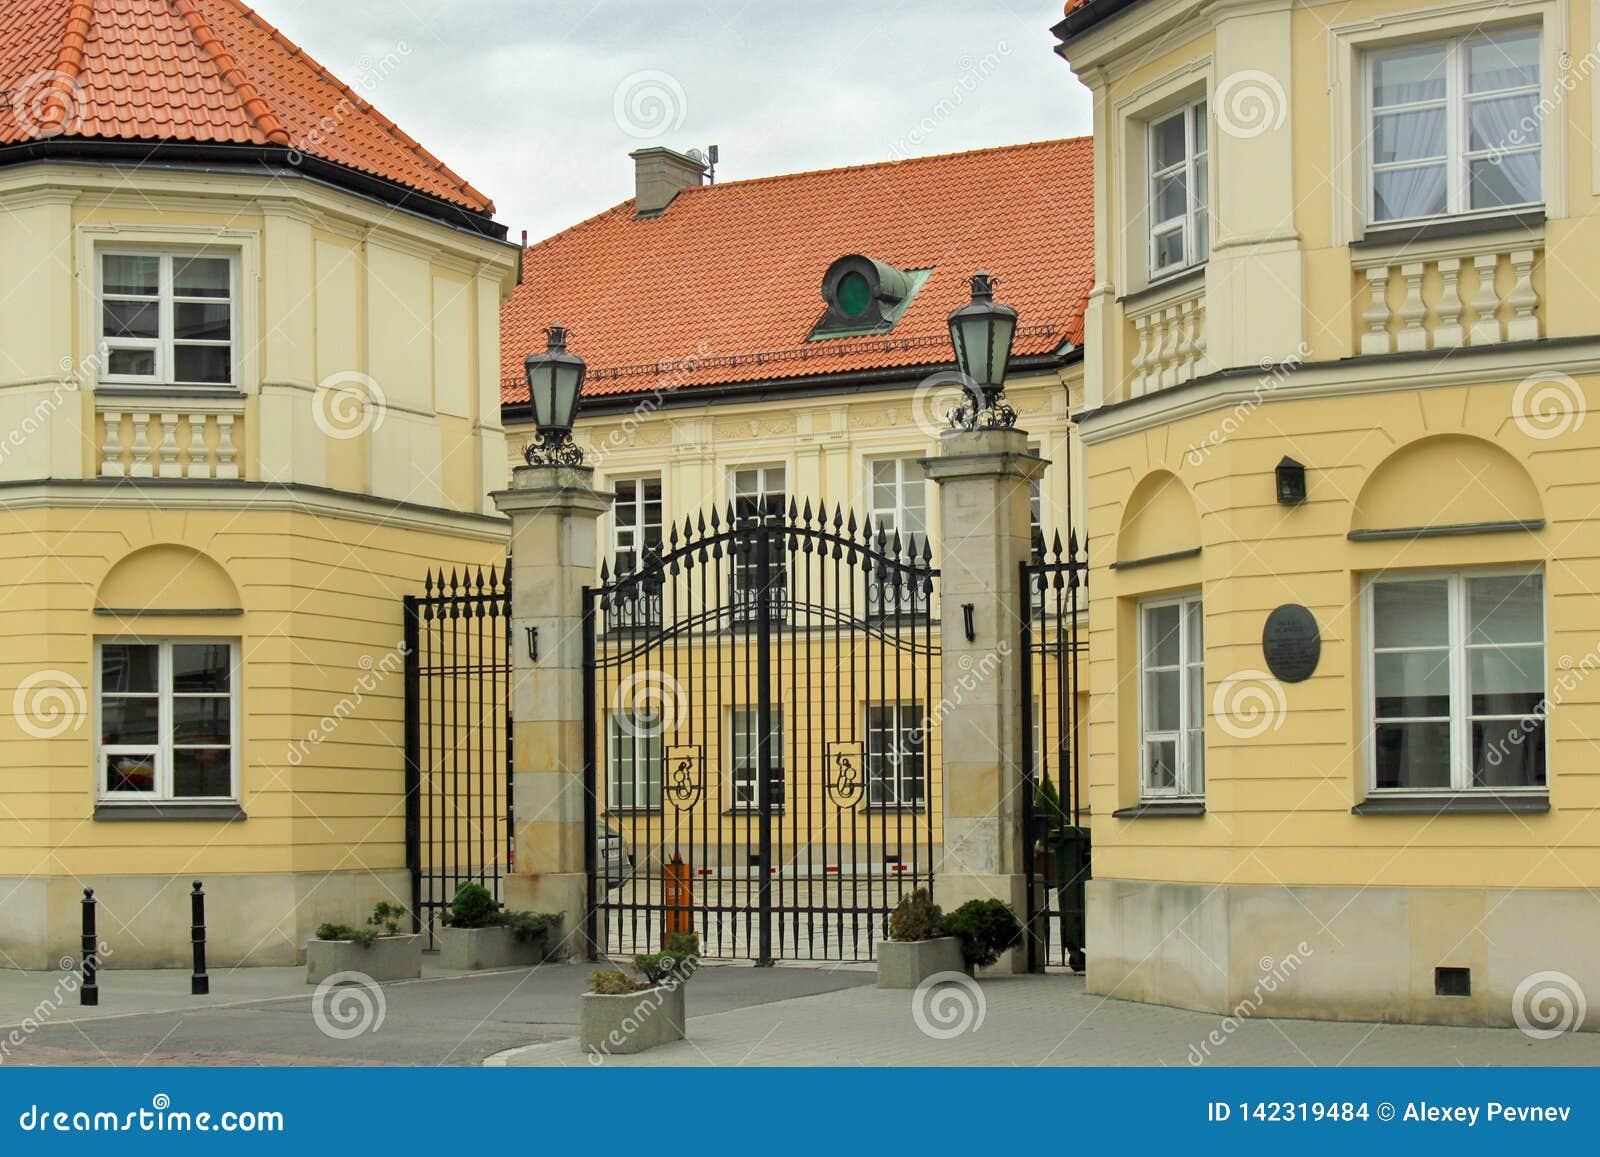 VARSOVIE, POLOGNE - 12 MAI 2012 : Vue du palais vide à Varsovie